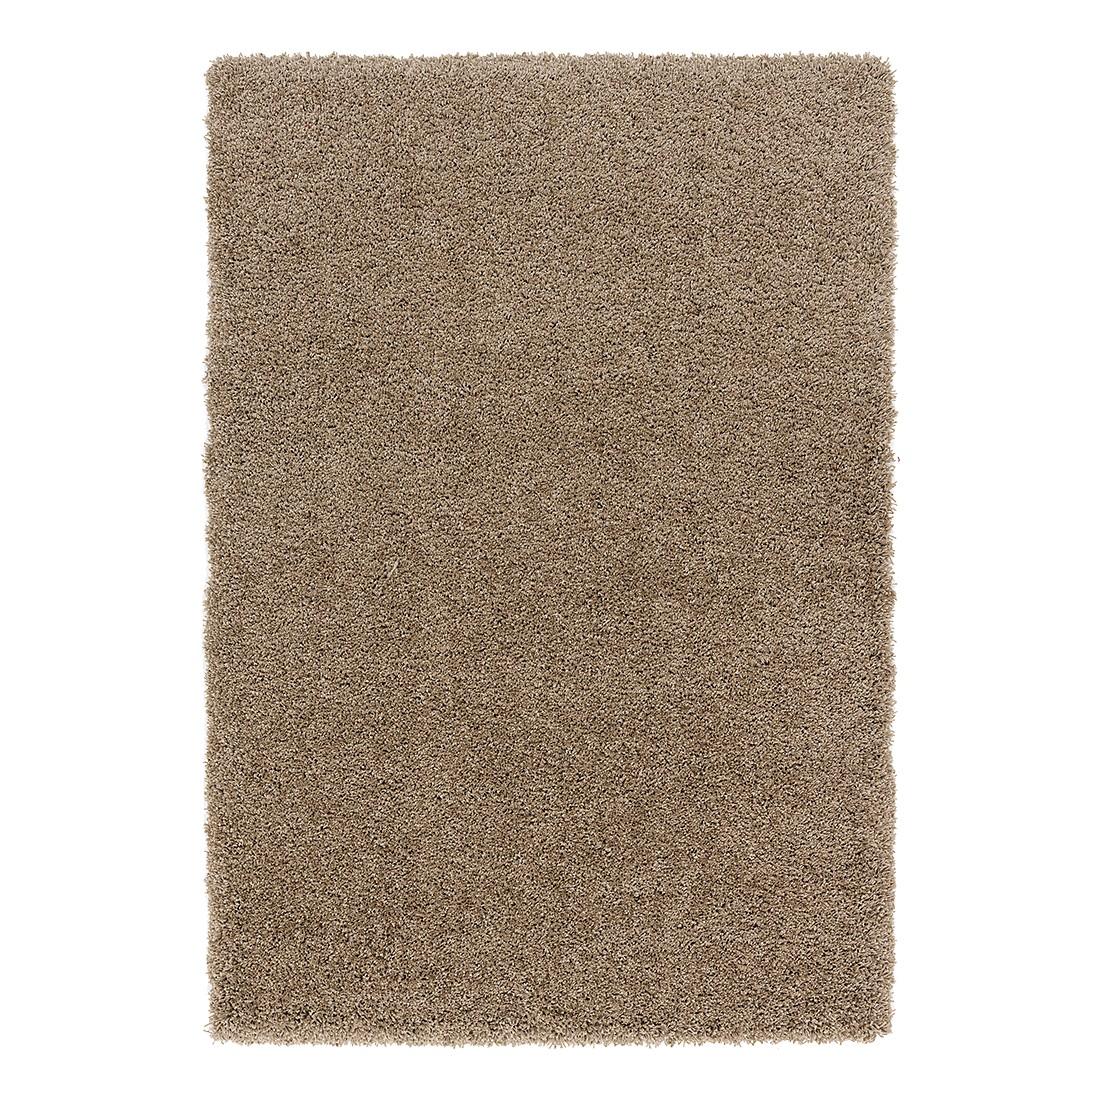 teppich como beige 80 x 150 cm astra g nstig online kaufen. Black Bedroom Furniture Sets. Home Design Ideas